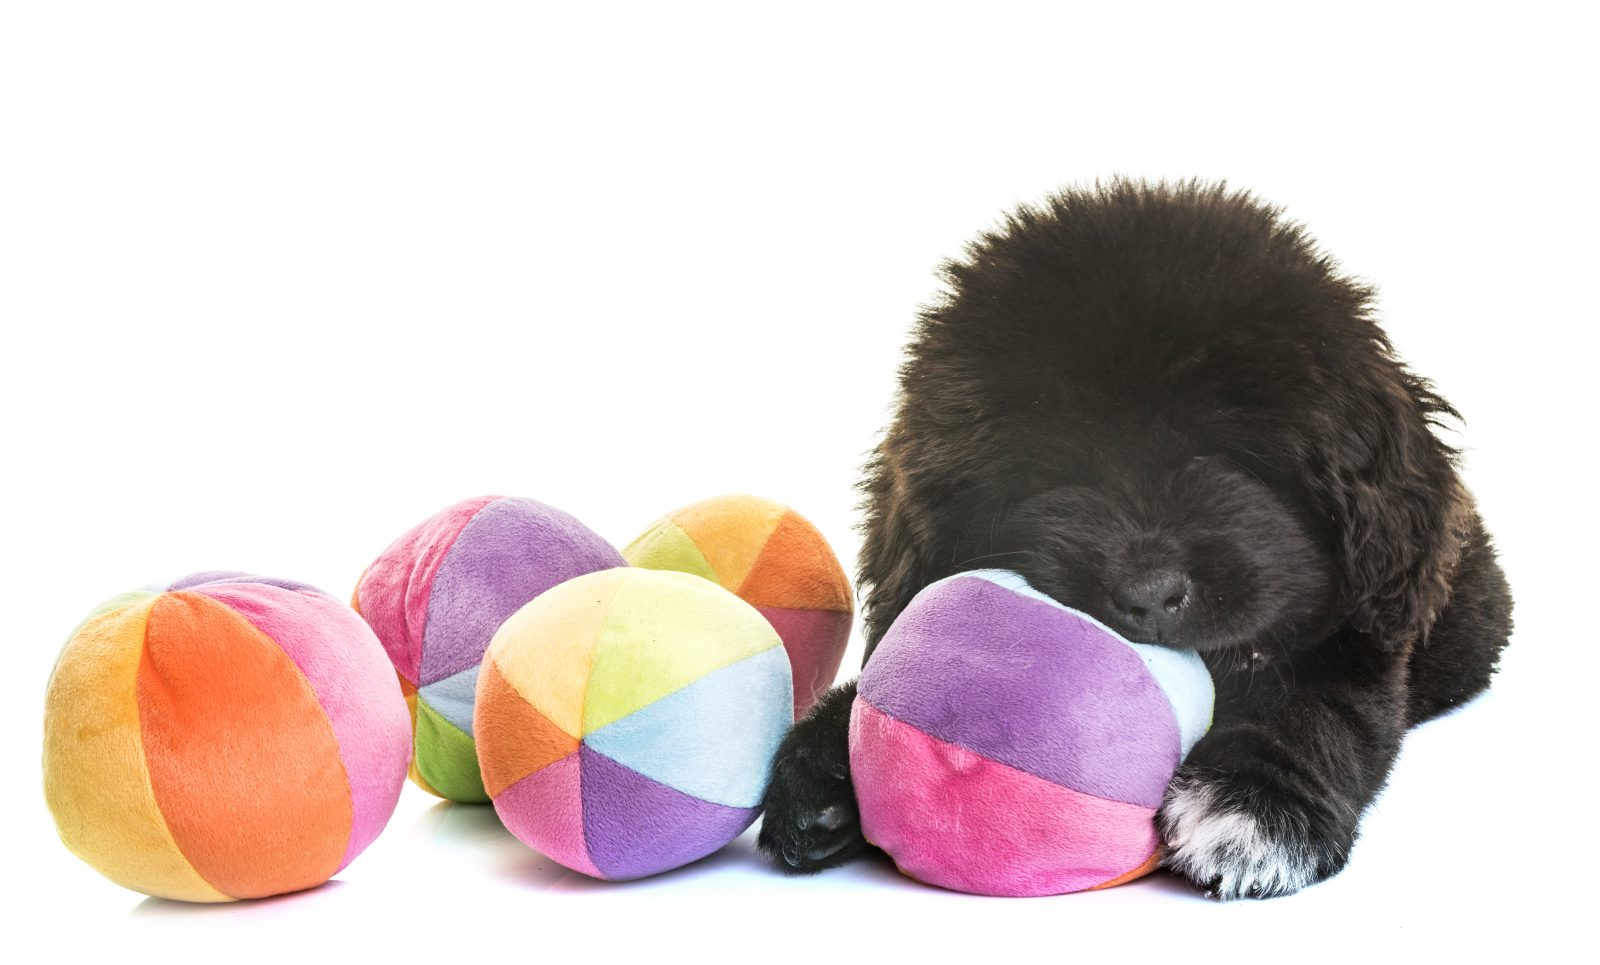 Filhote de Terra Nova (Newfoundland) preto brincando com uma série de bolas de brinquedos para cachorro